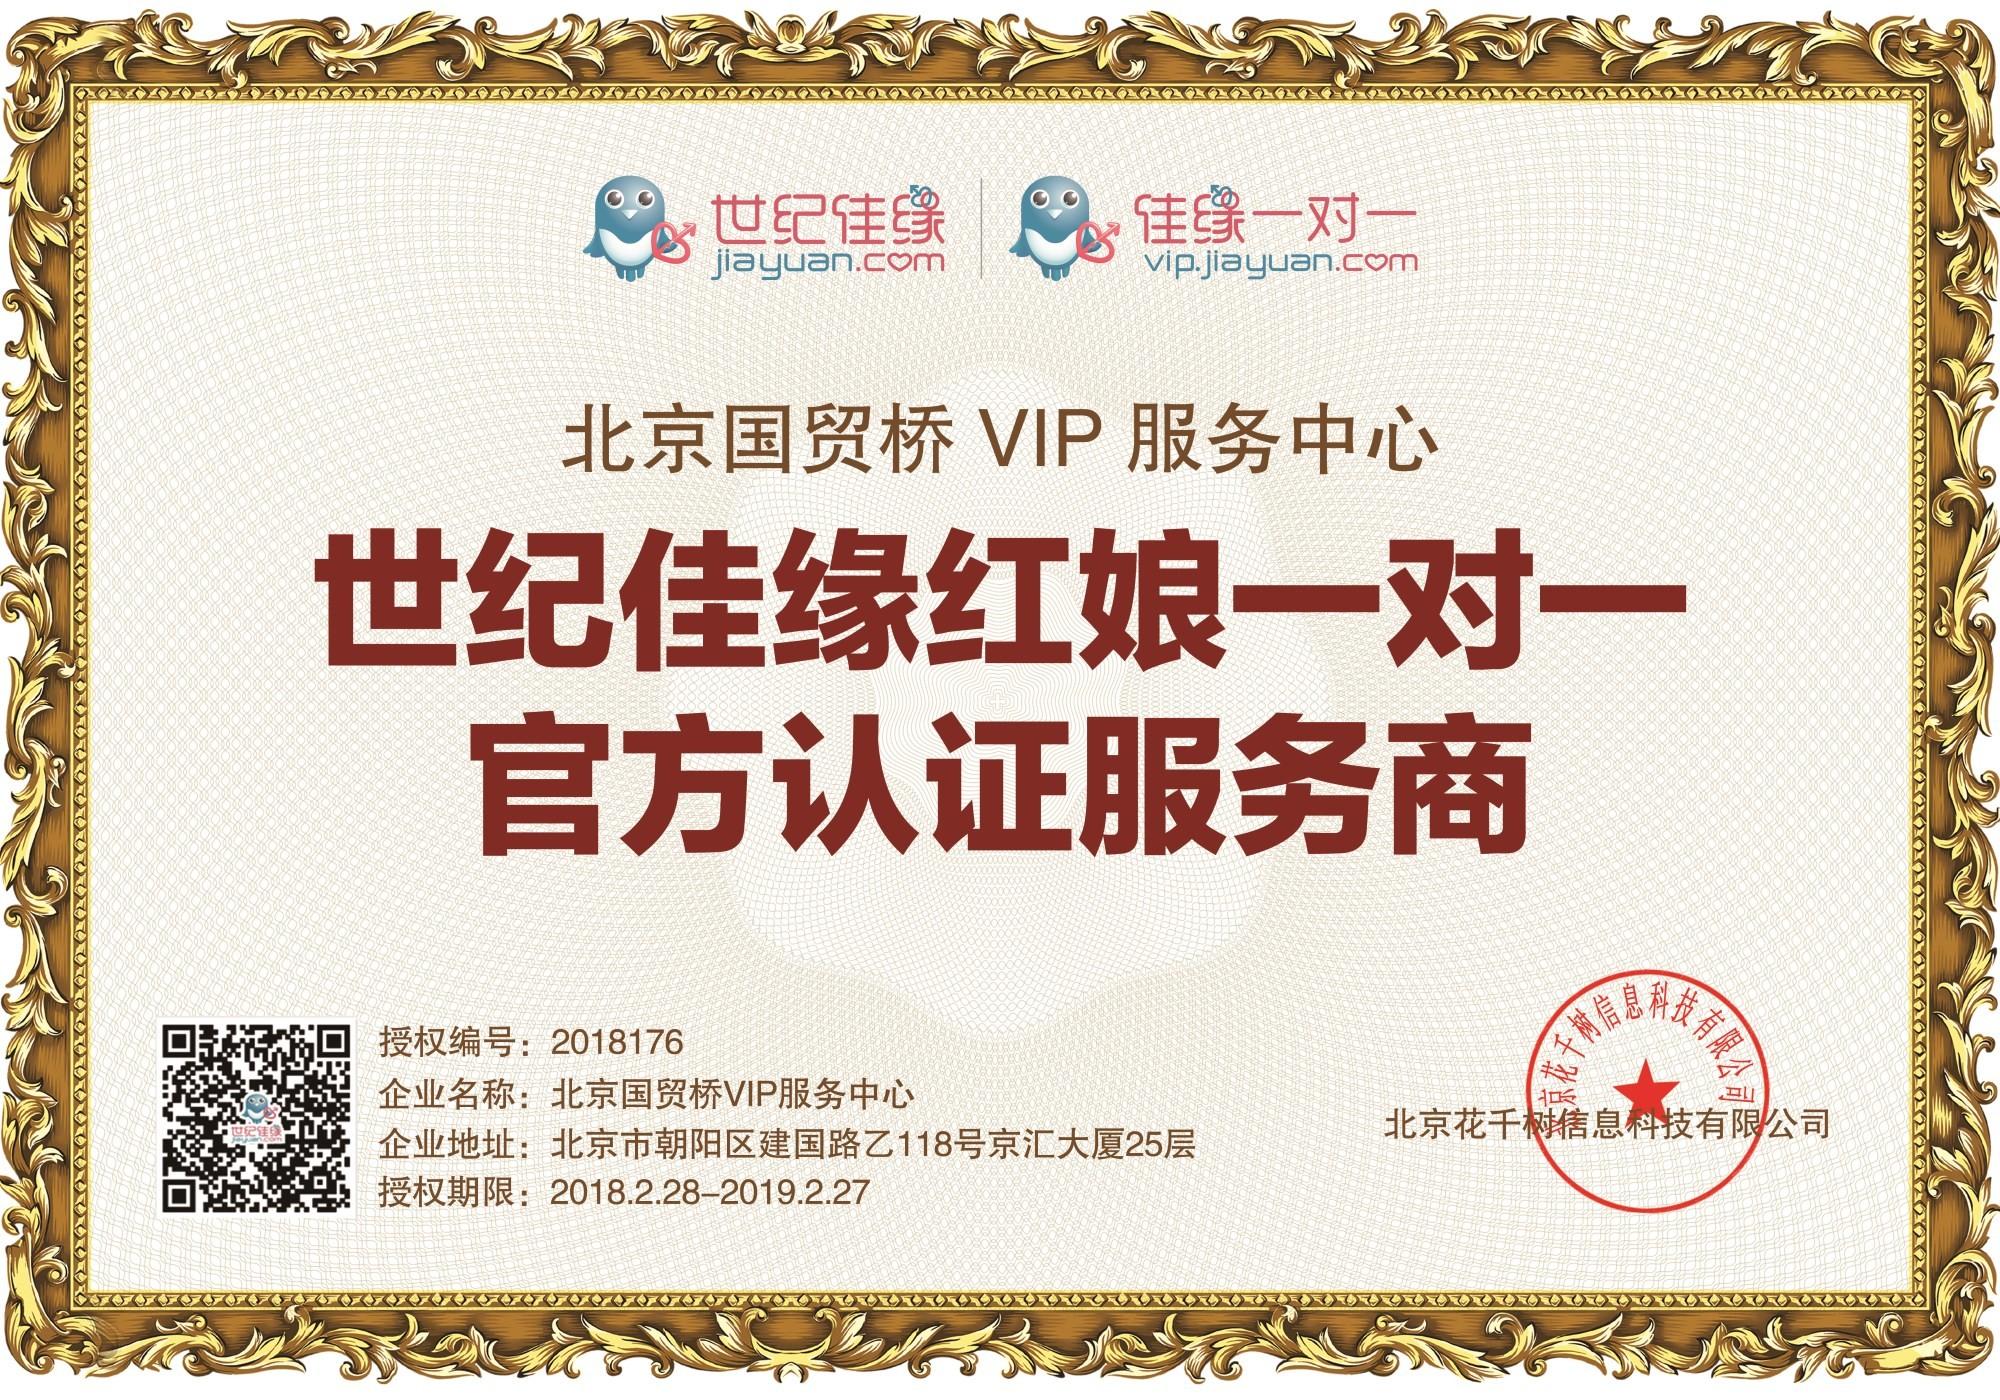 北京国贸桥VIP服务中心